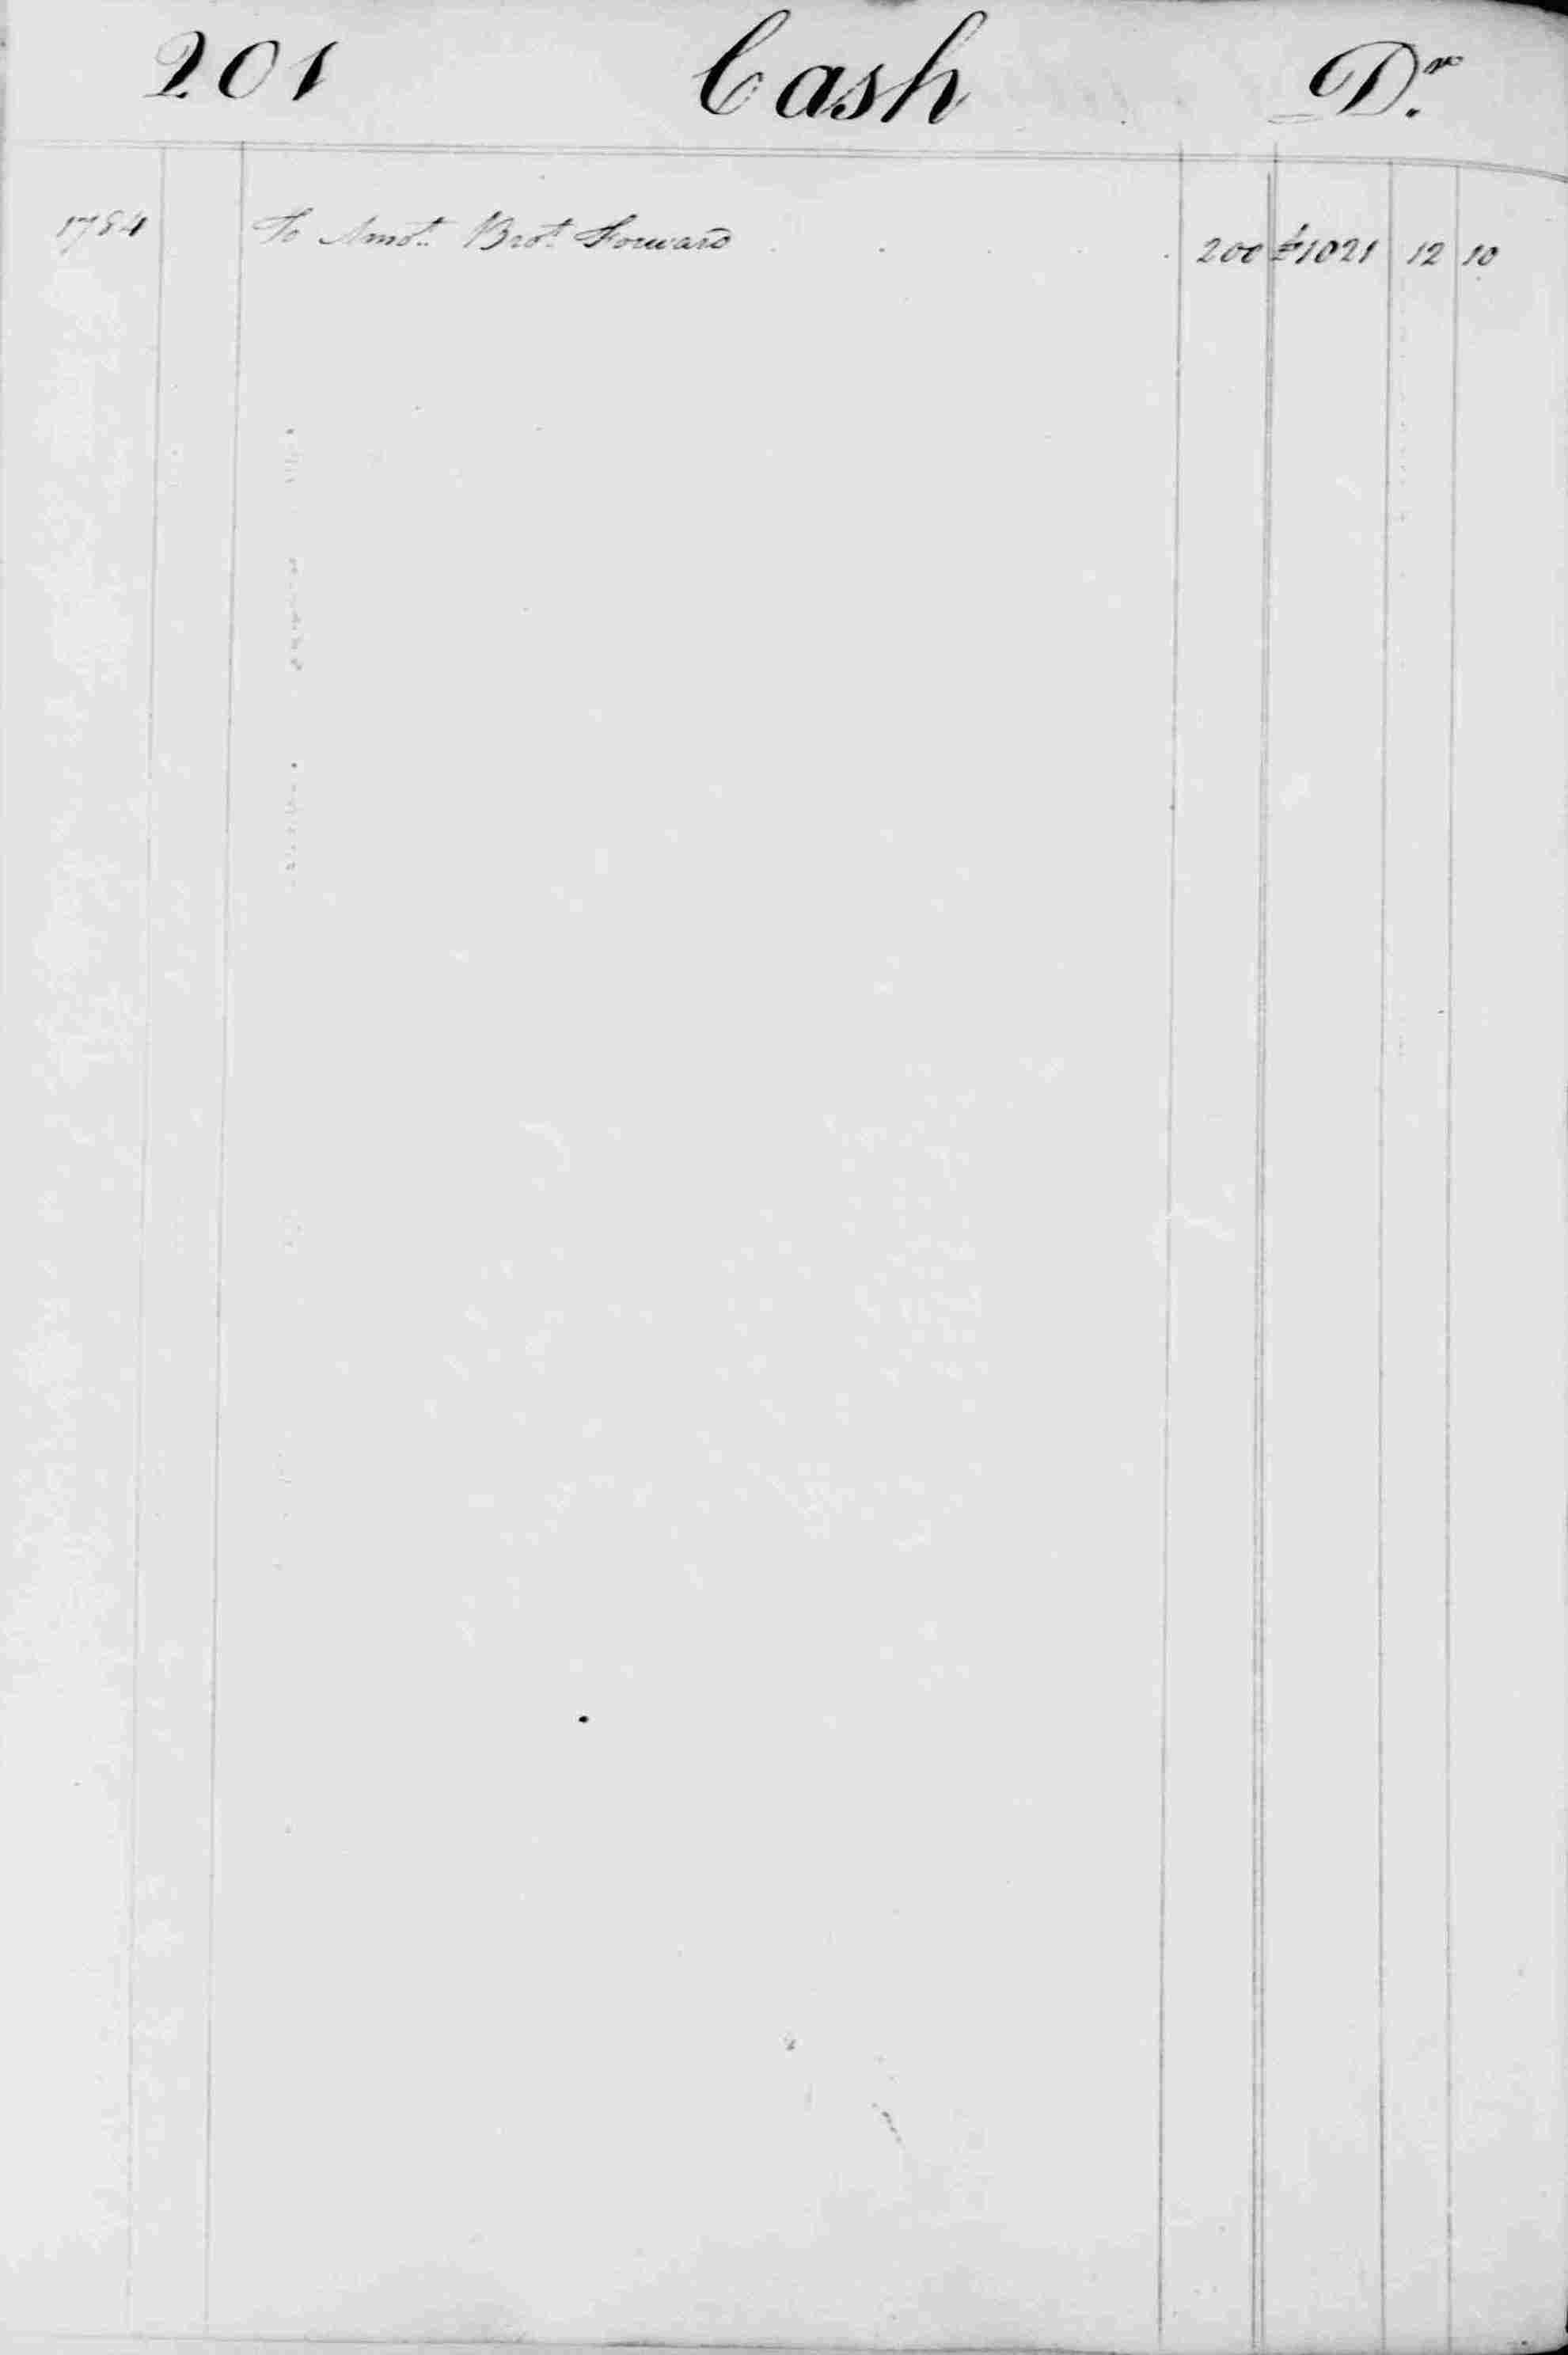 Ledger B, folio 201, left side